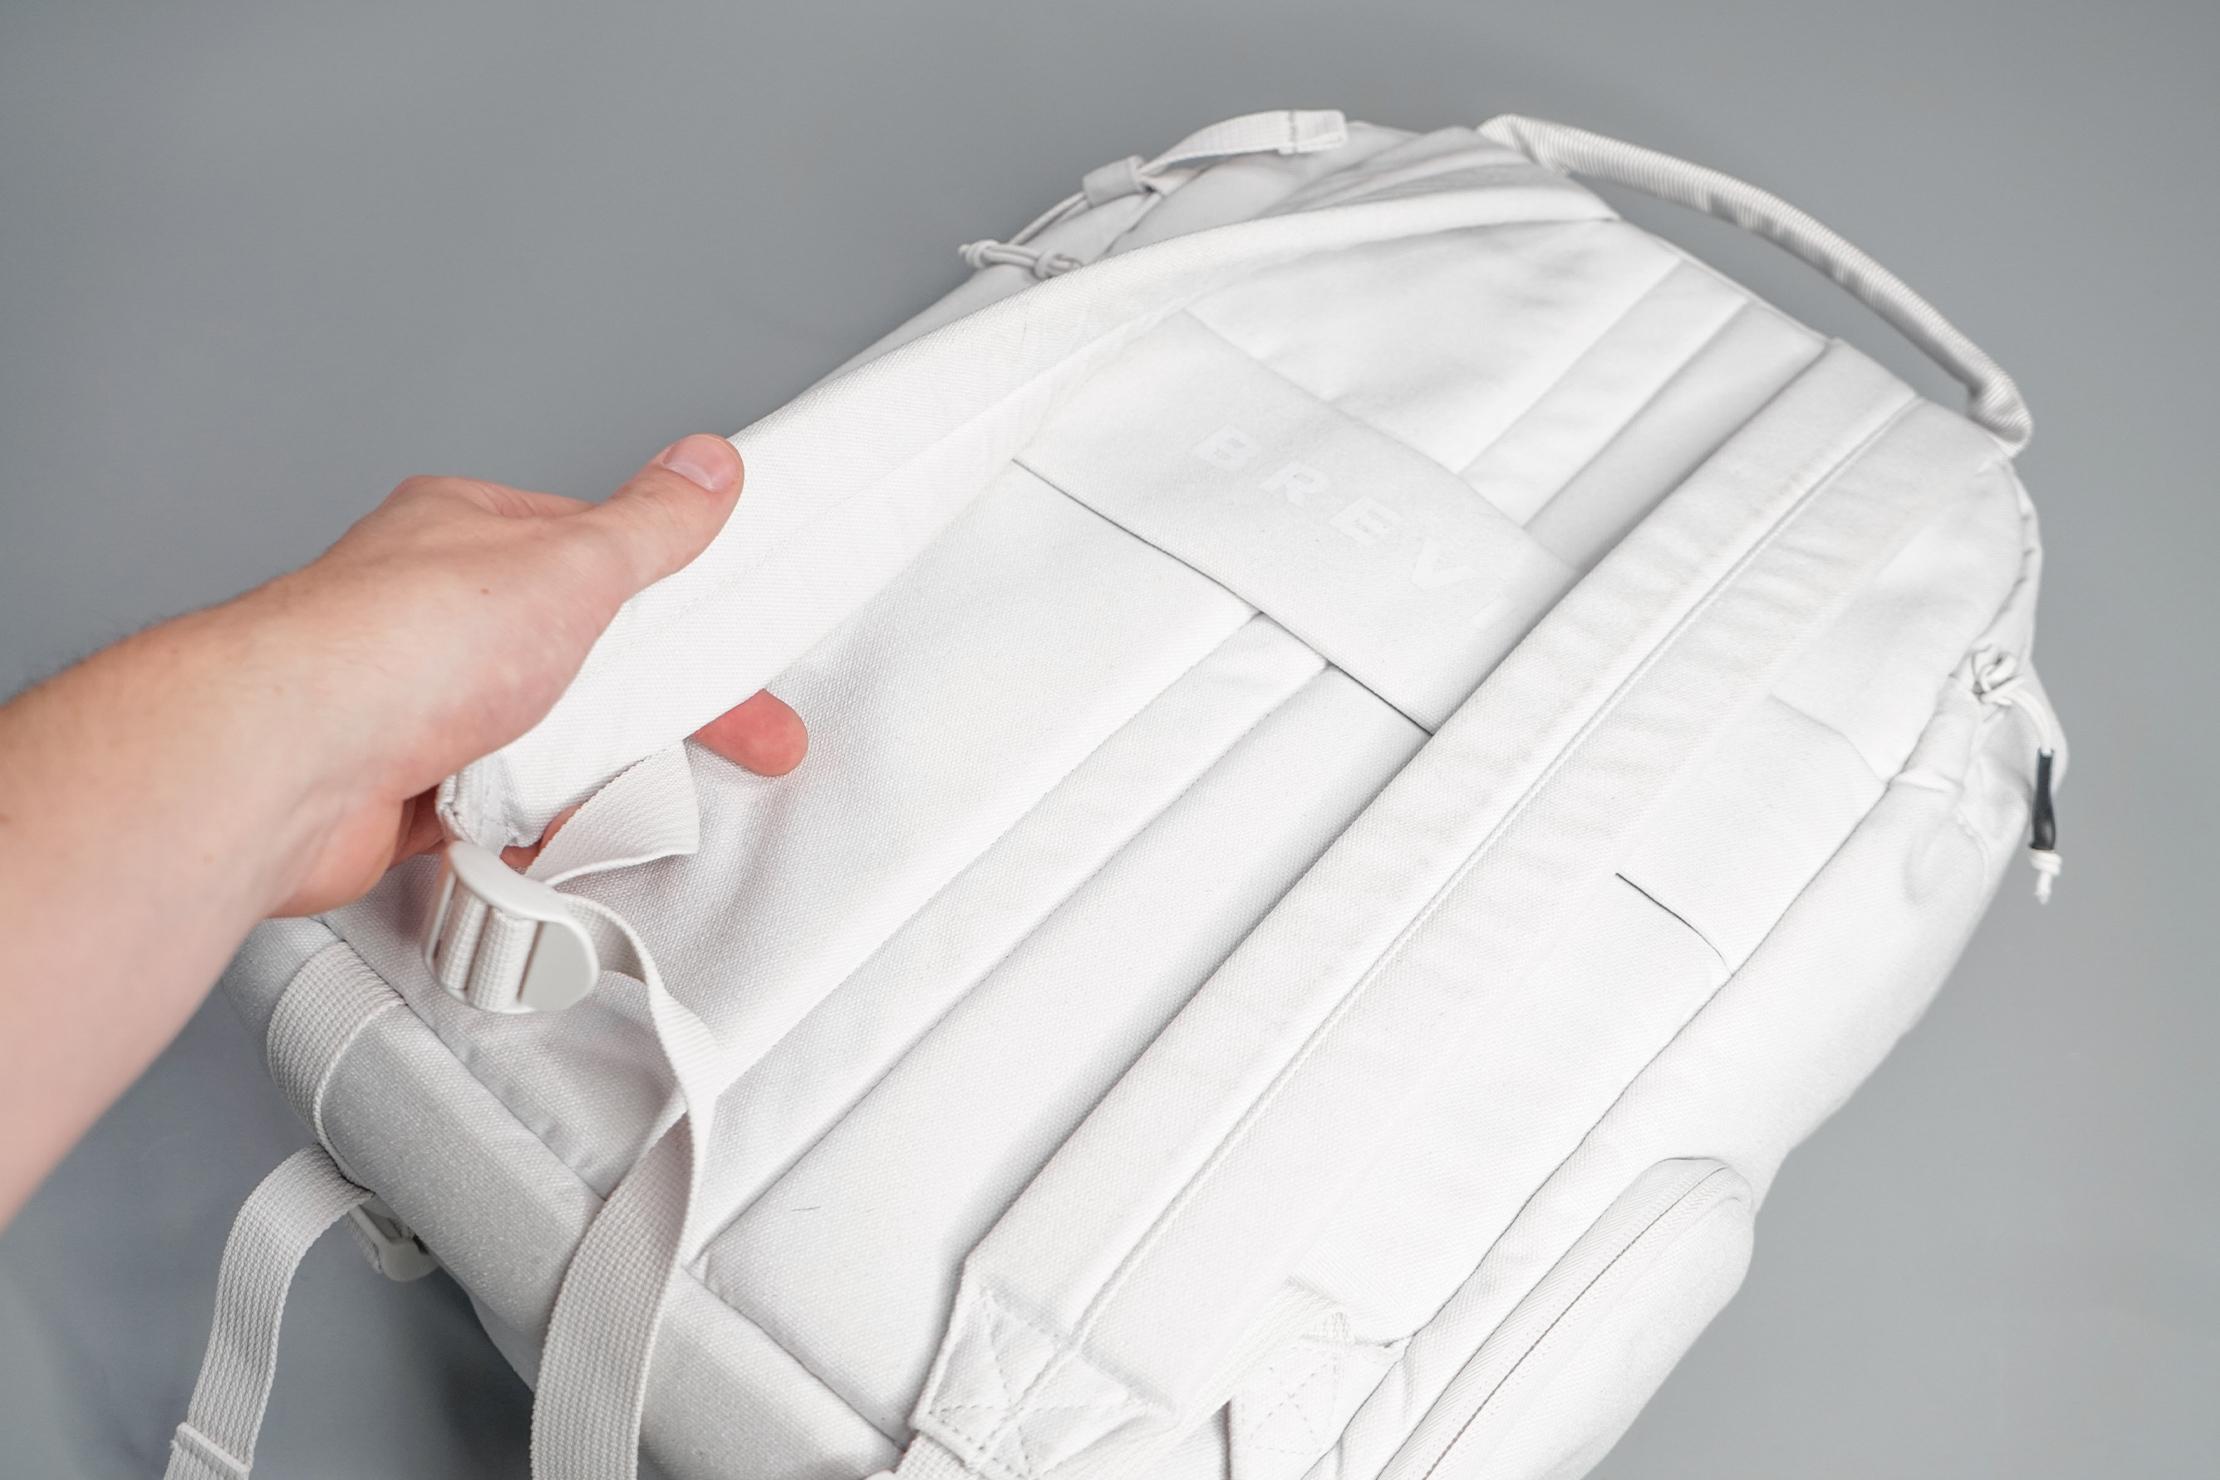 Brevitē Jumper Photo Backpack Shoulder Straps and Back Panel